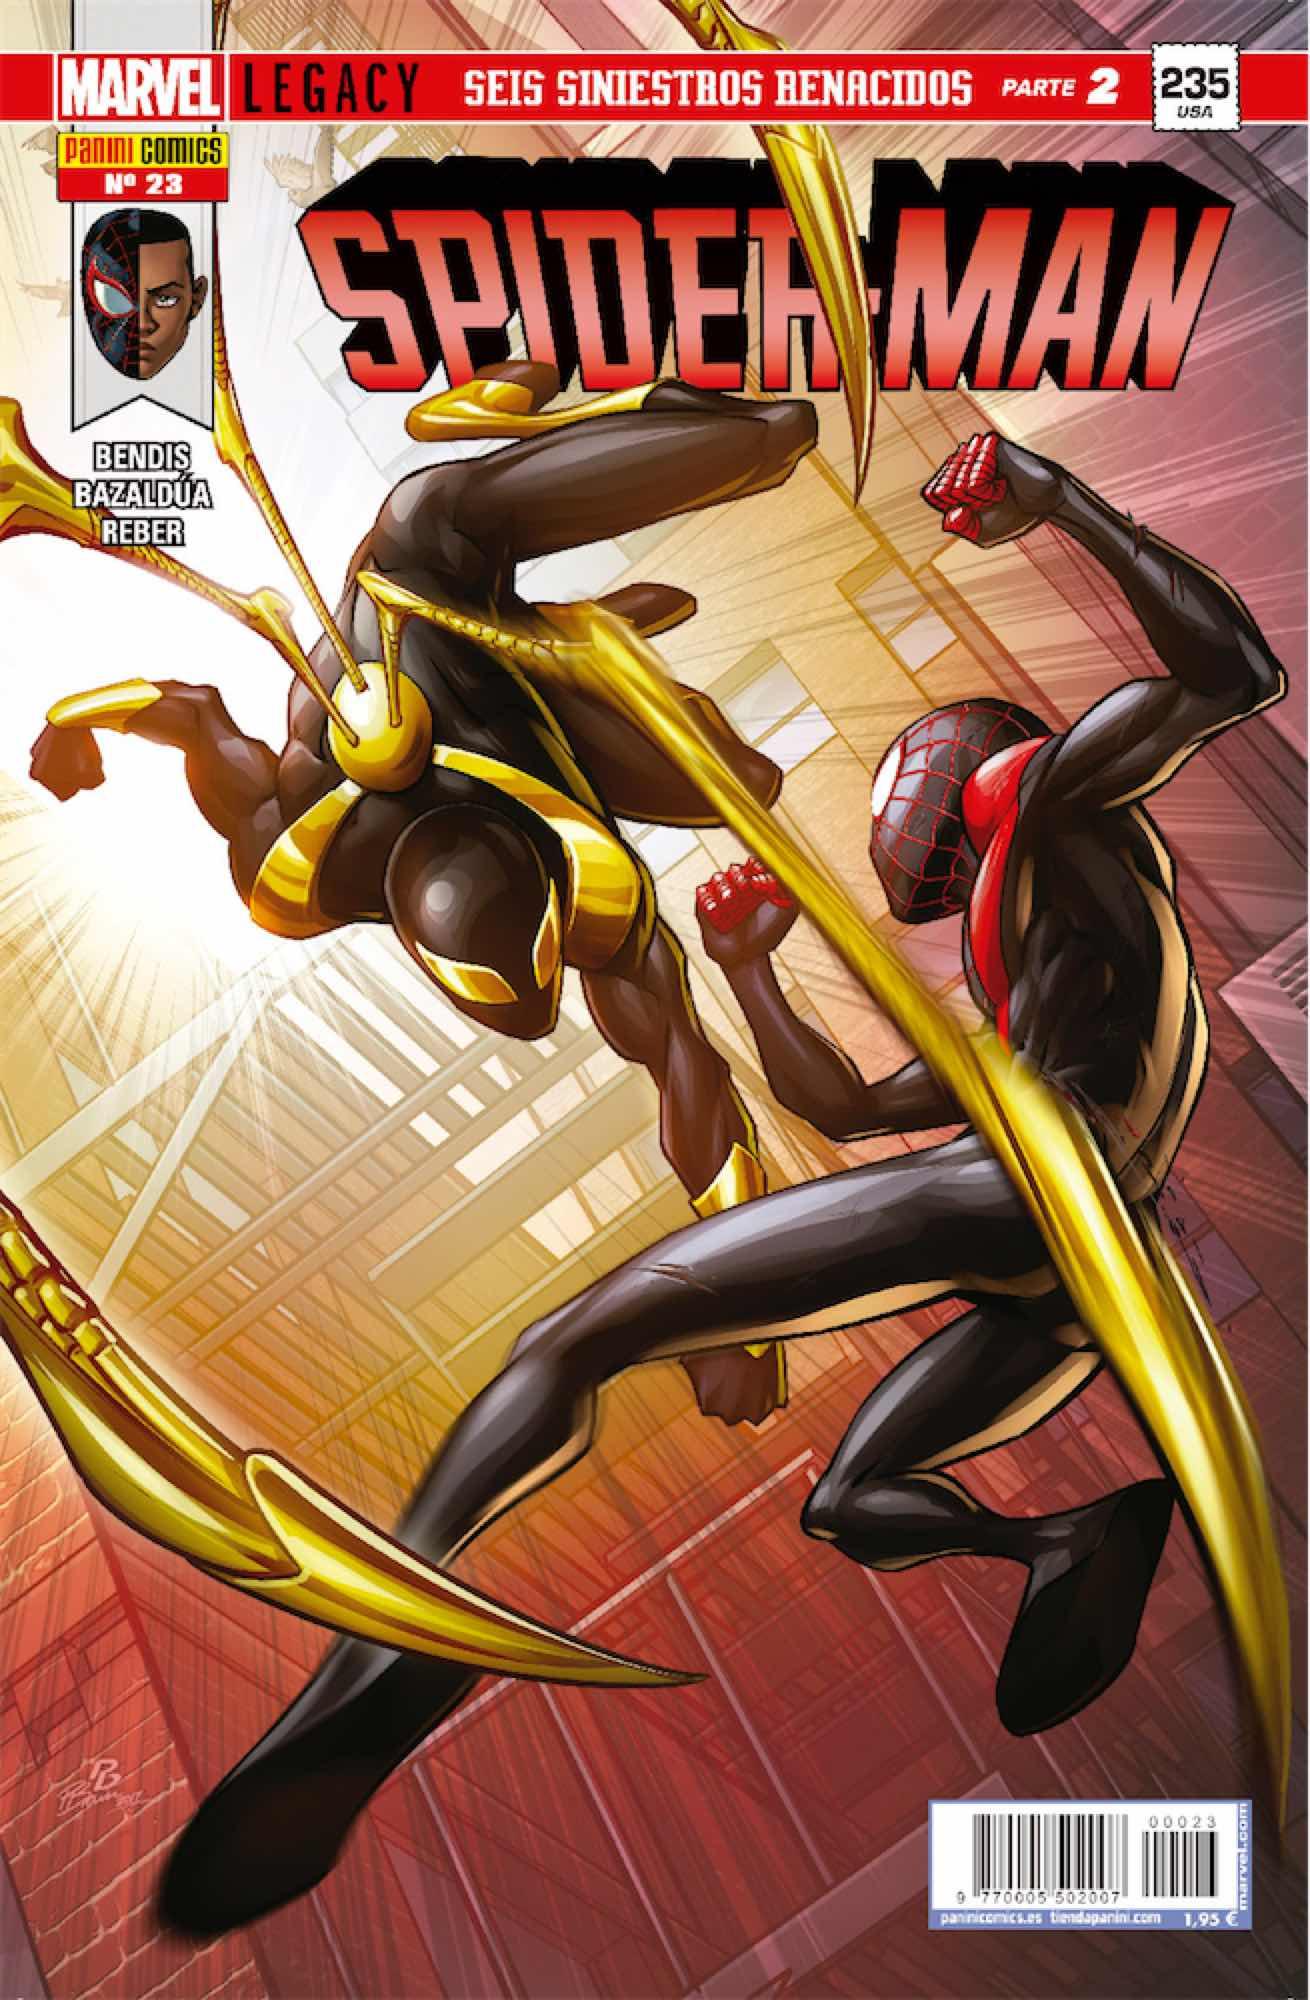 SPIDER-MAN 23